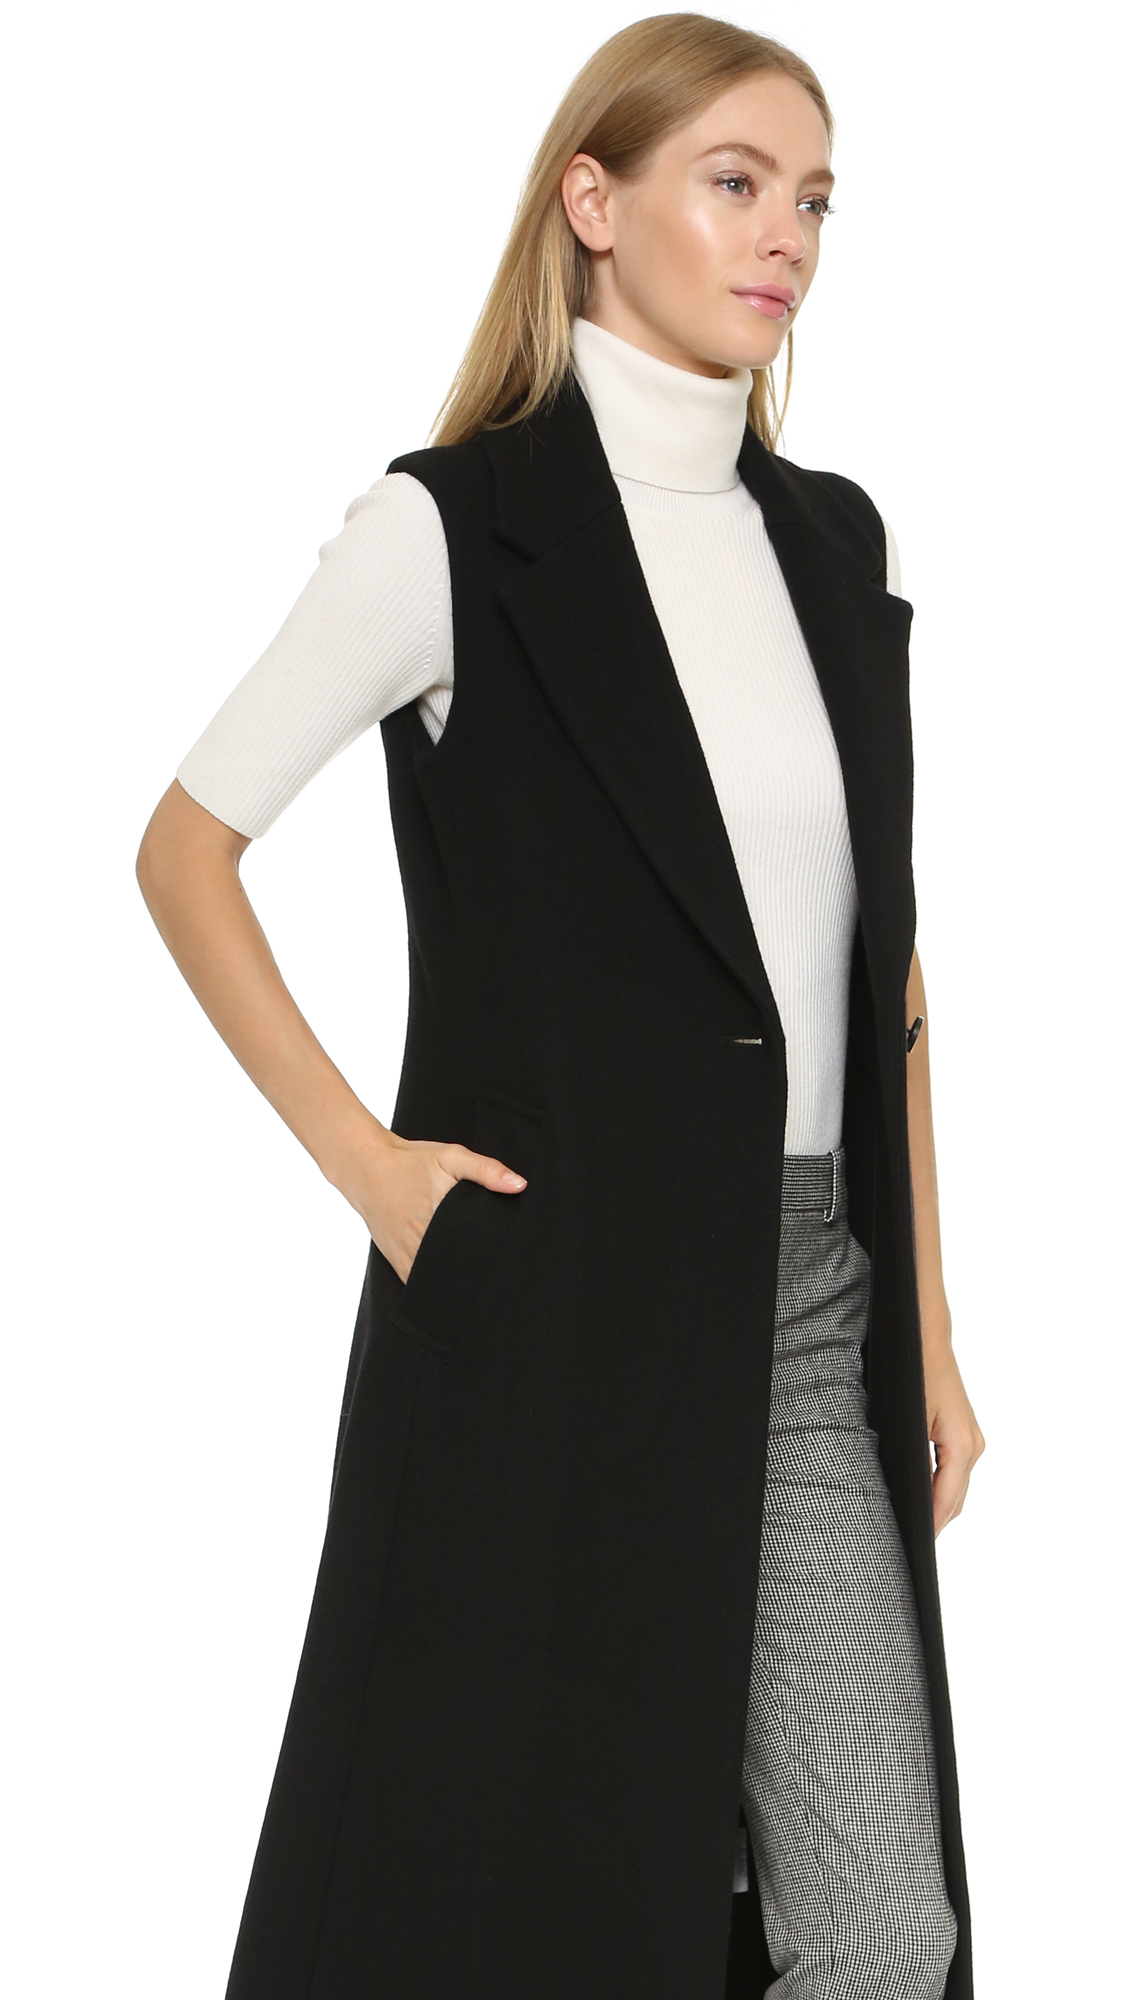 Theory Bolton Tremayah Sleeveless Coat in Black | Lyst